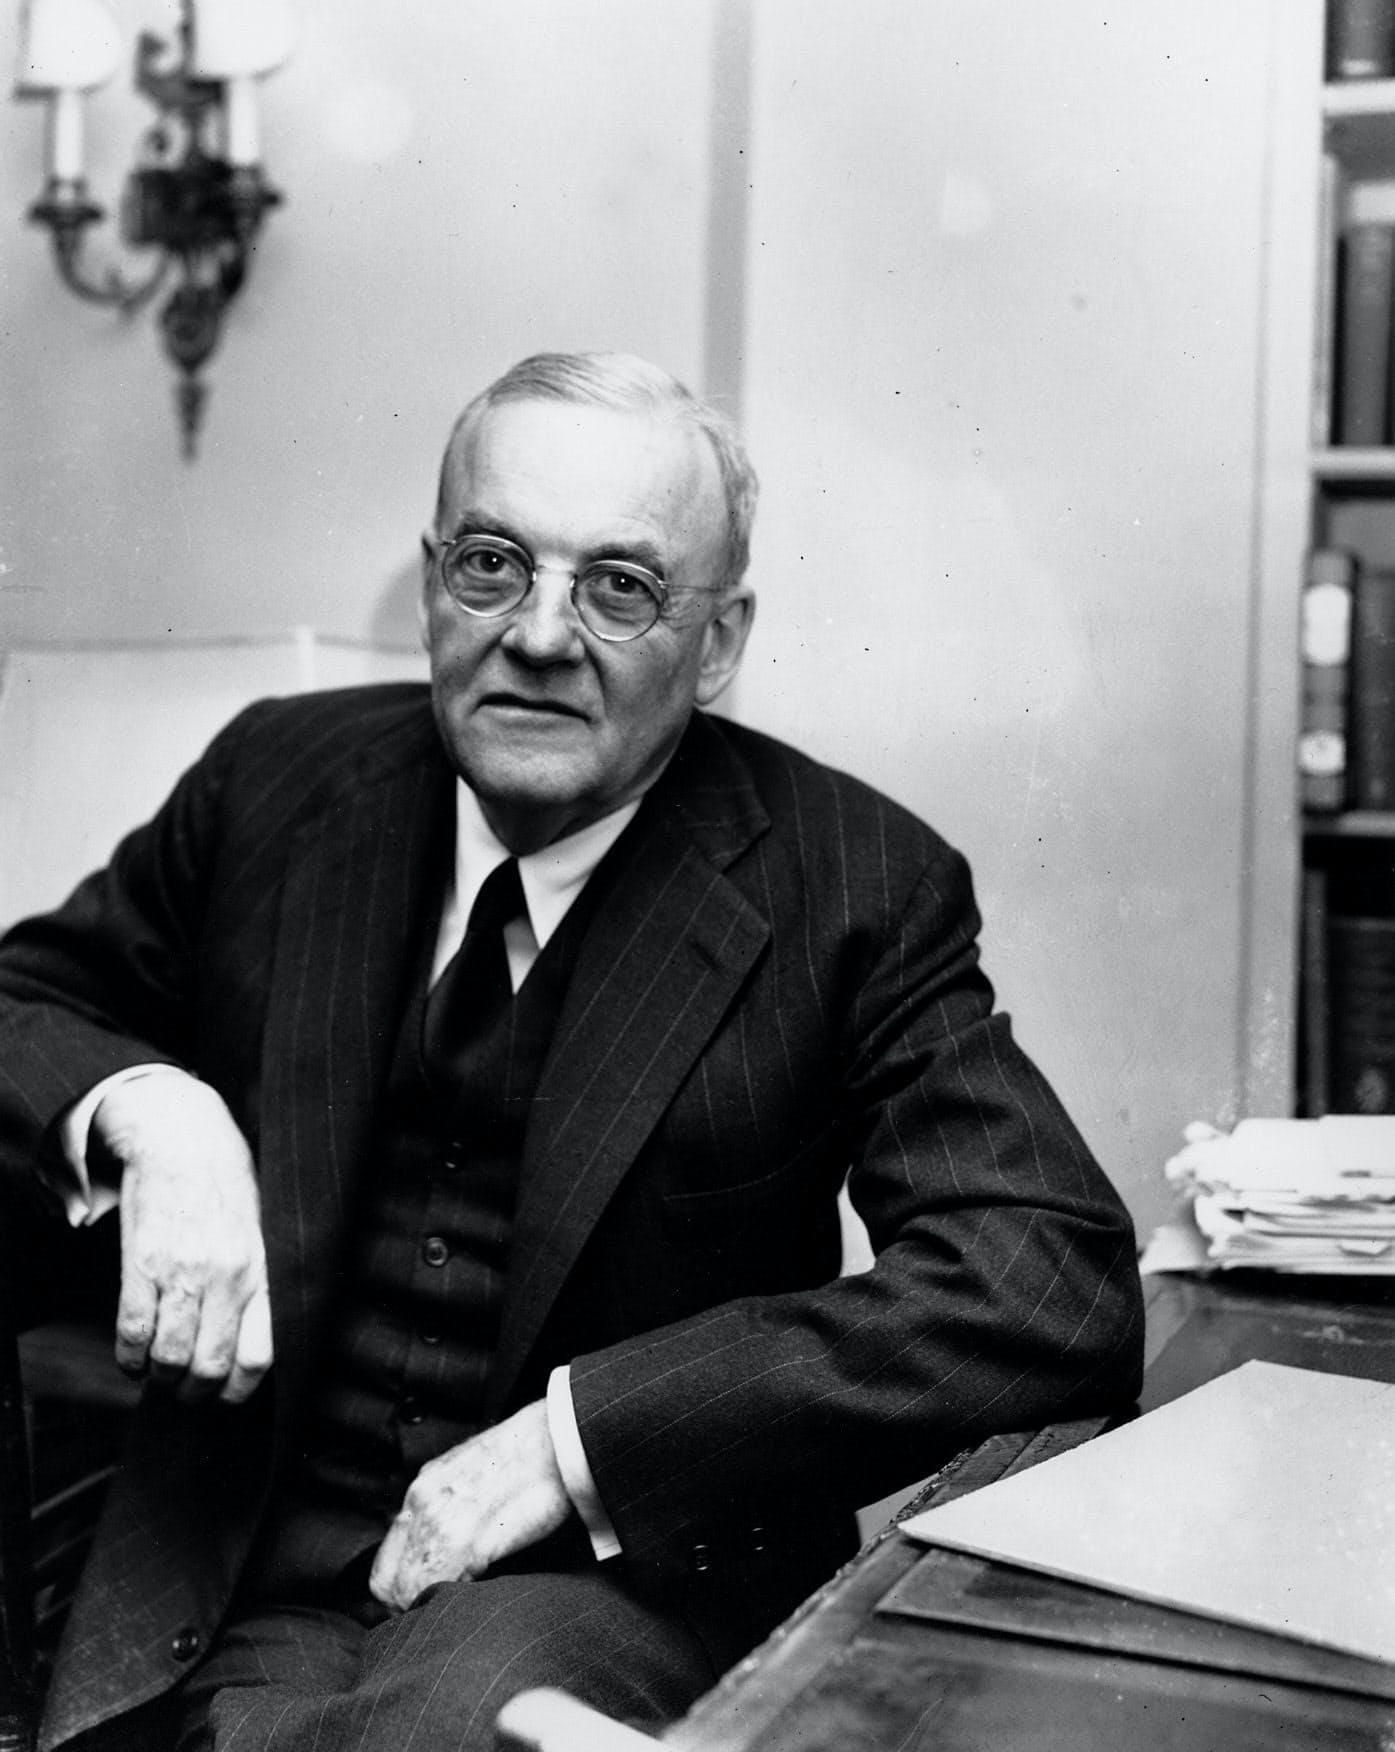 ダレス米国務長官顧問(1952年4月)=AP